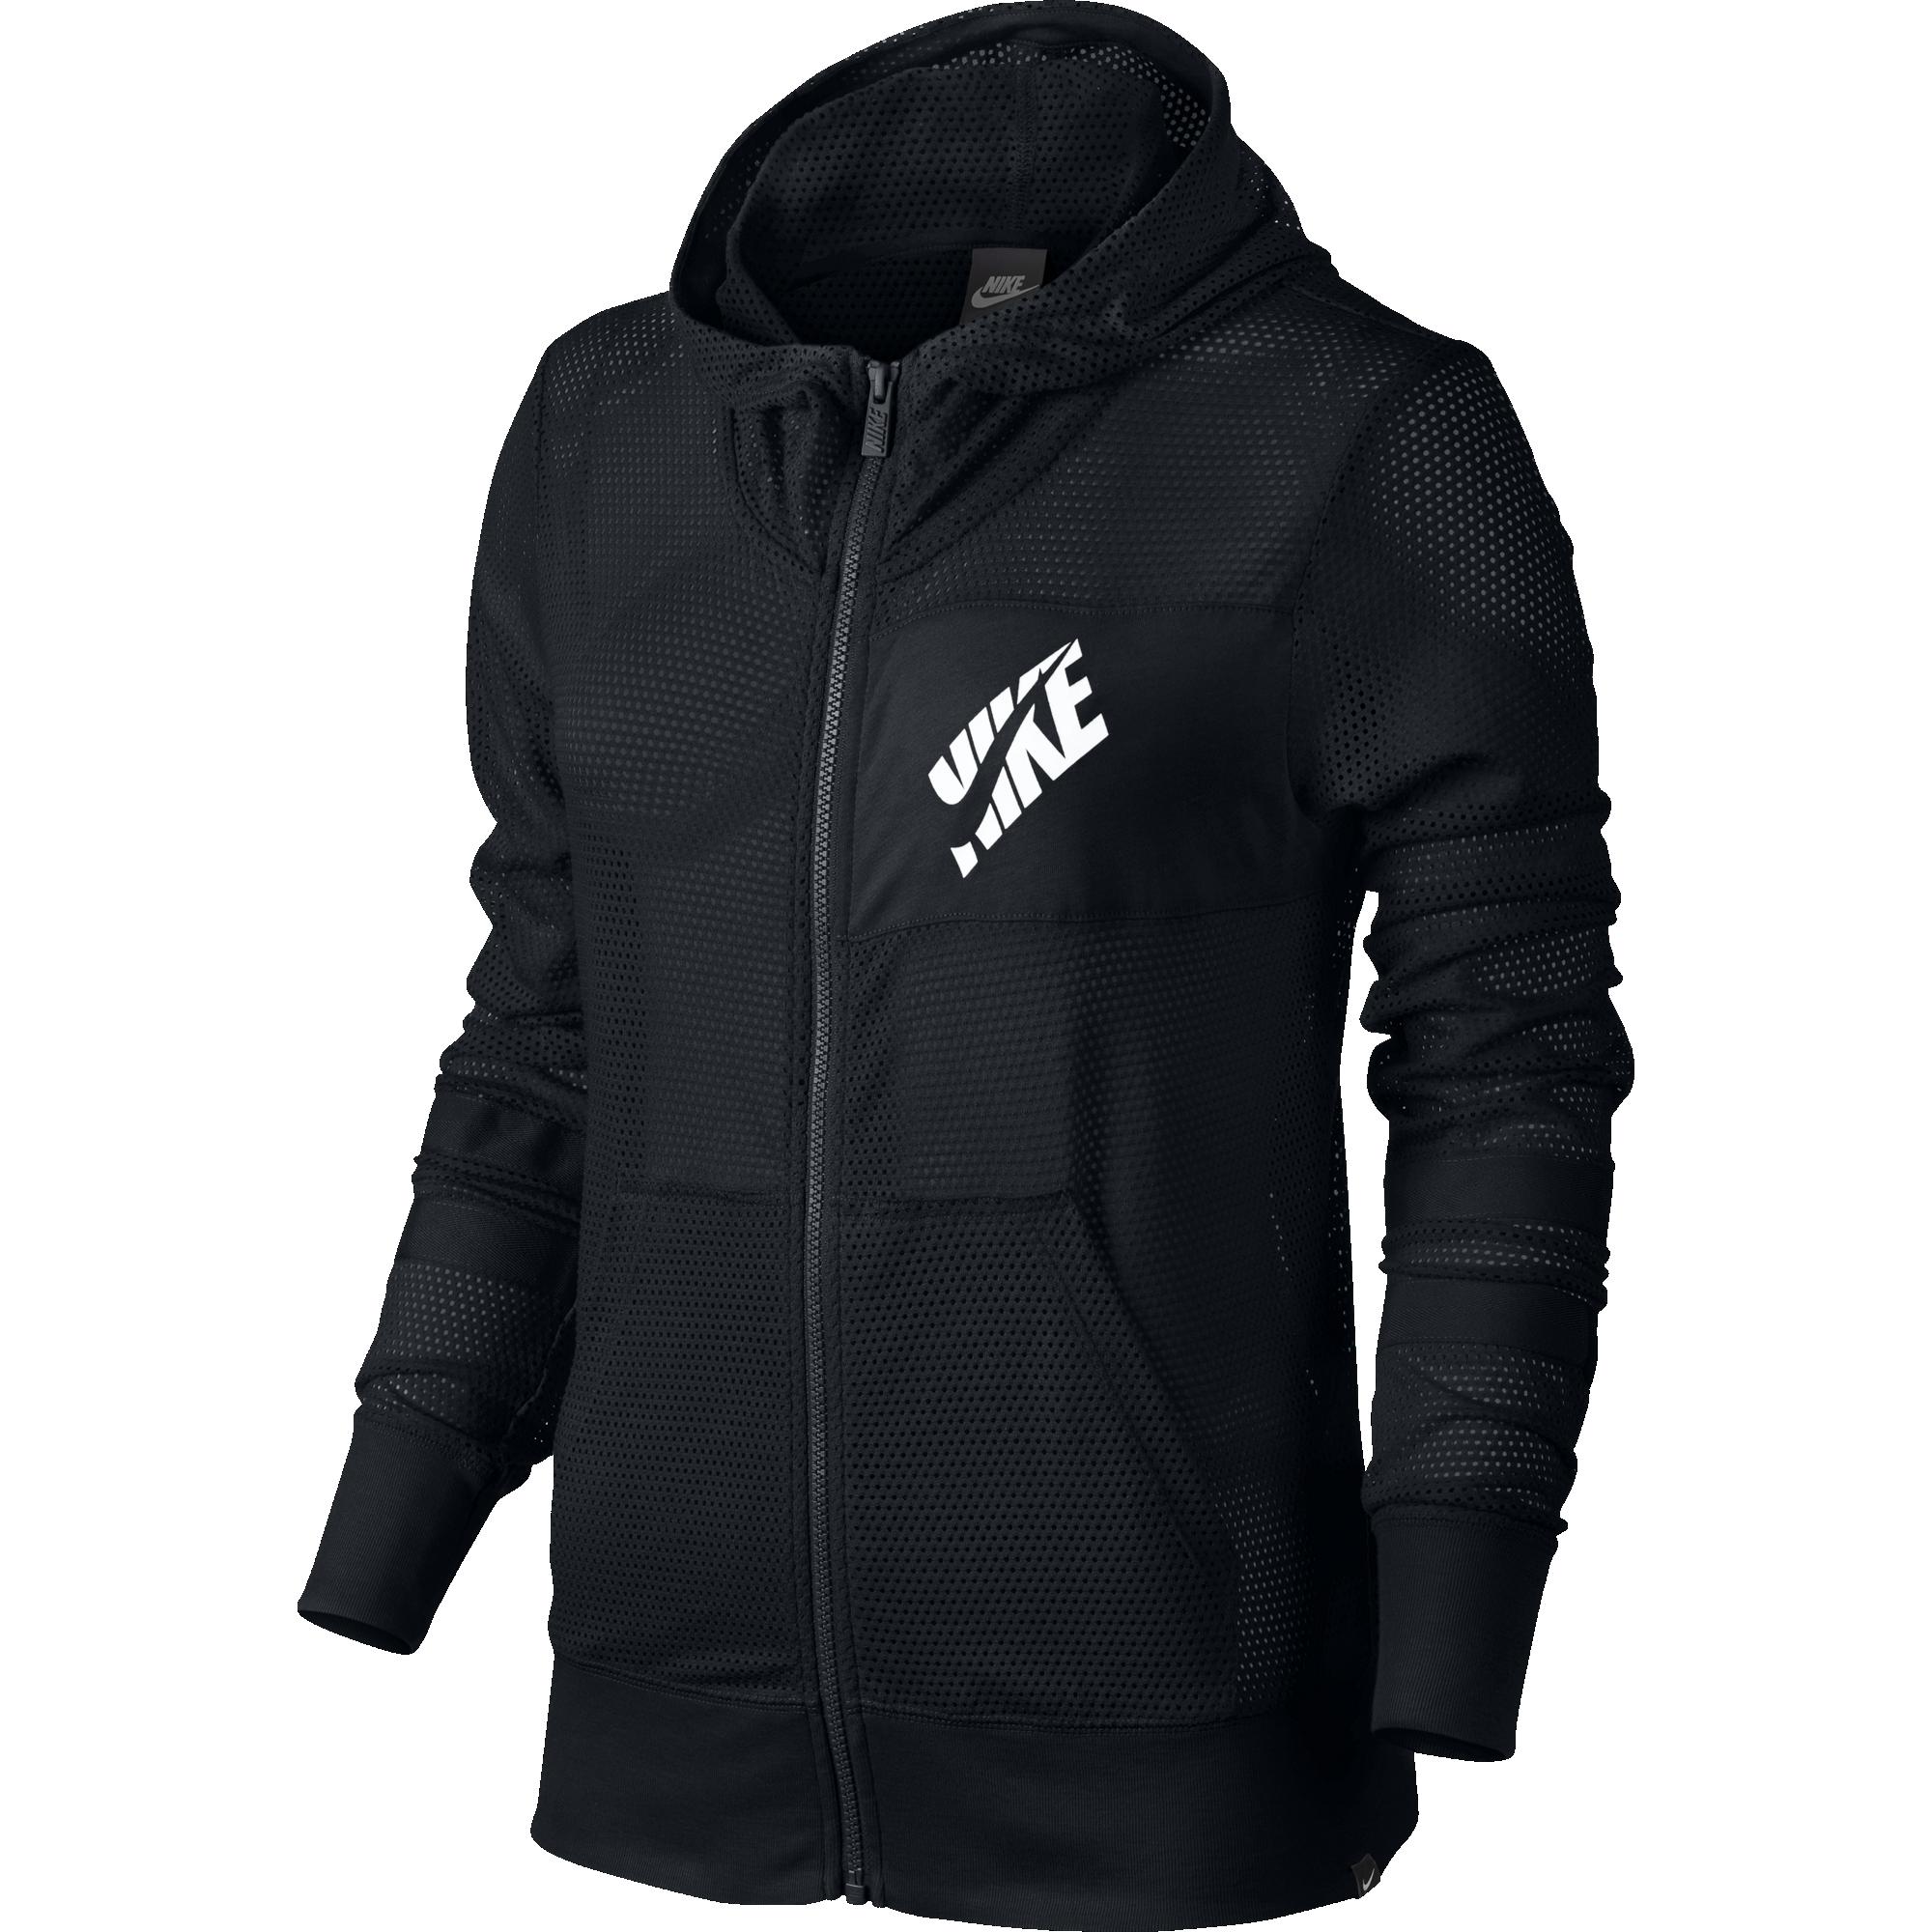 Nike Mesh Full-zip 726486-010 Női Zip Pulóver  bb224b7a16